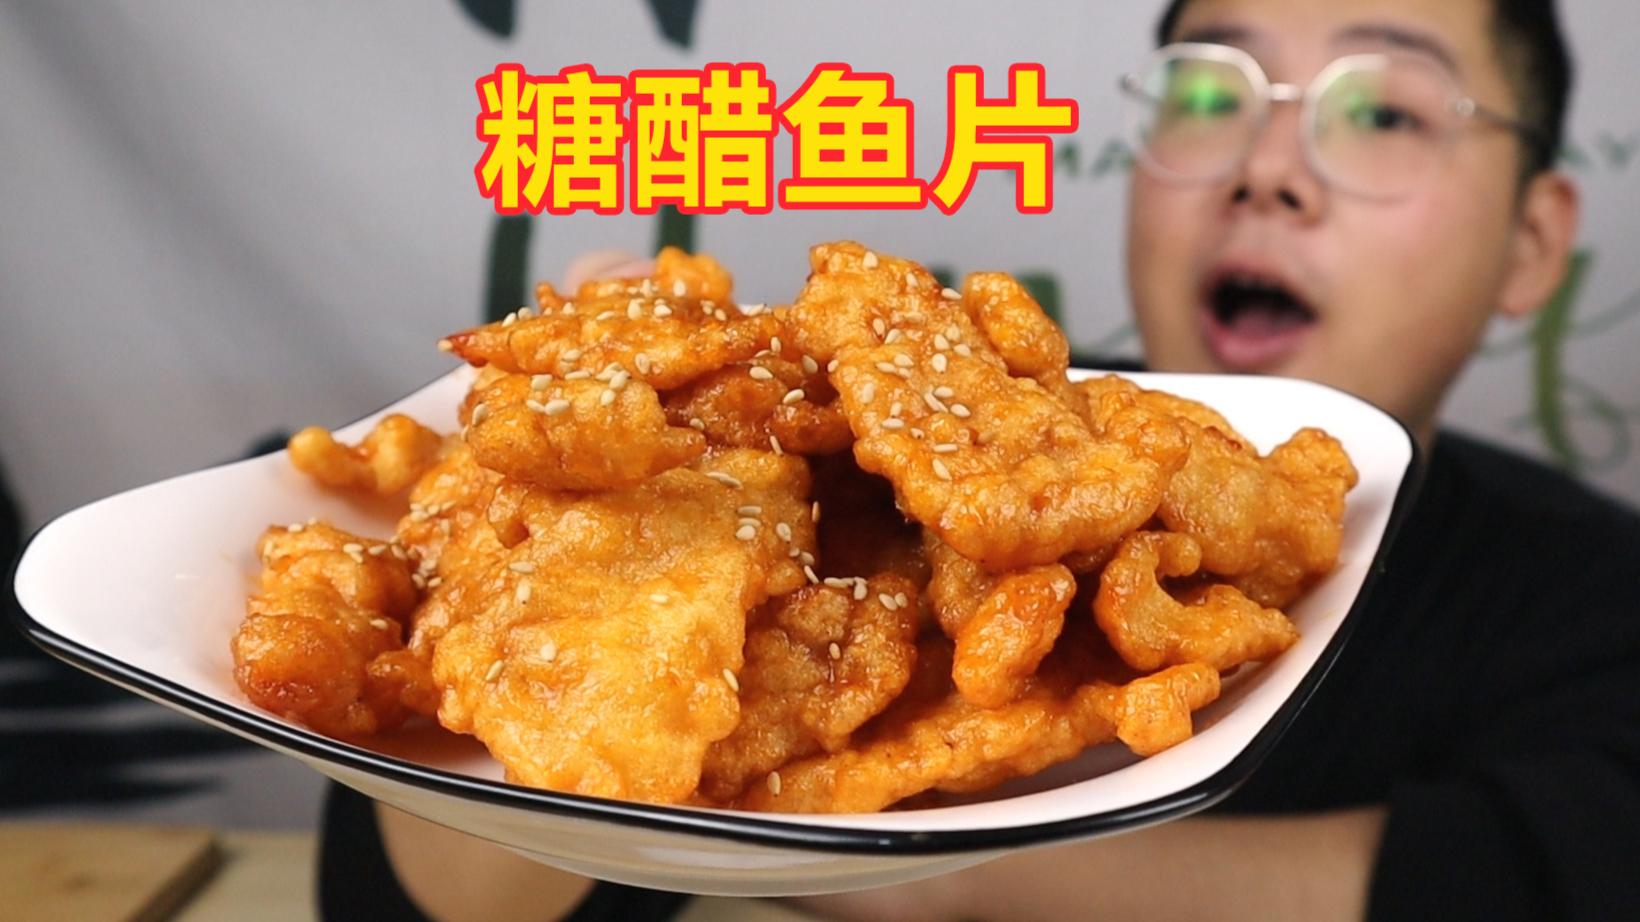 超下饭的糖醋鱼片,味道酸甜可口,做法简单粗暴!